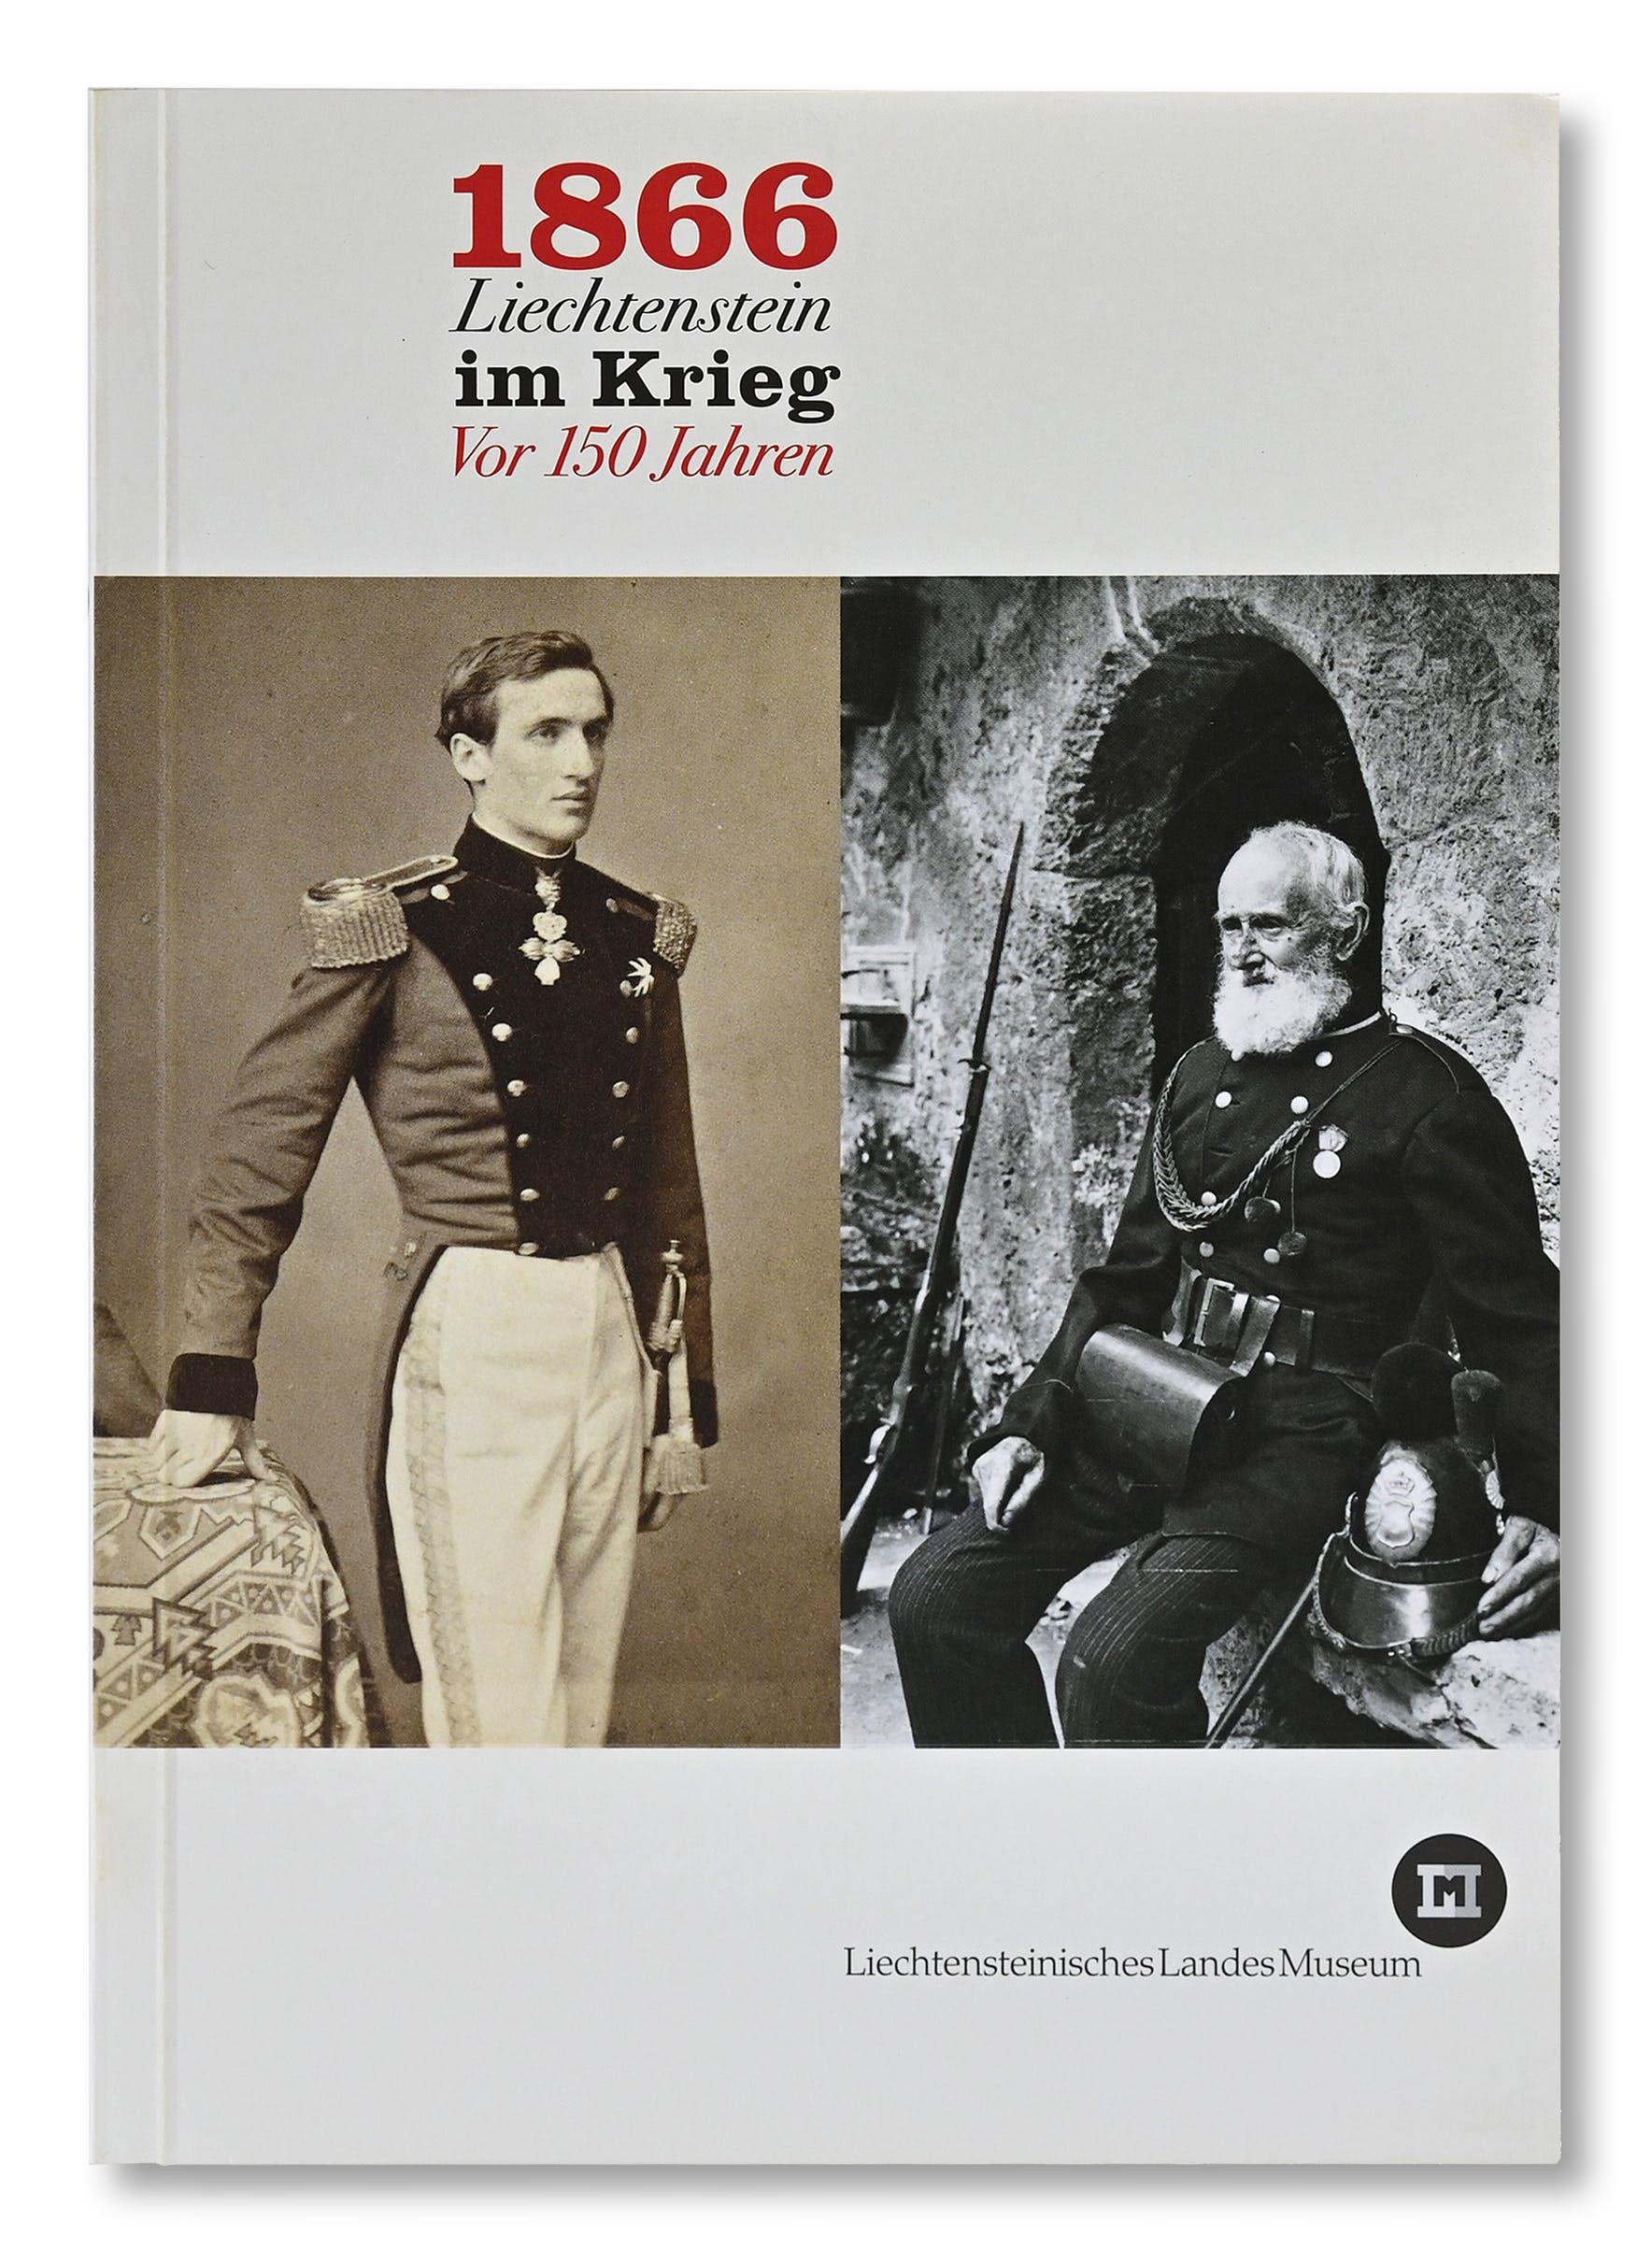 Publikation  1866 Liechtenstein im Krieg